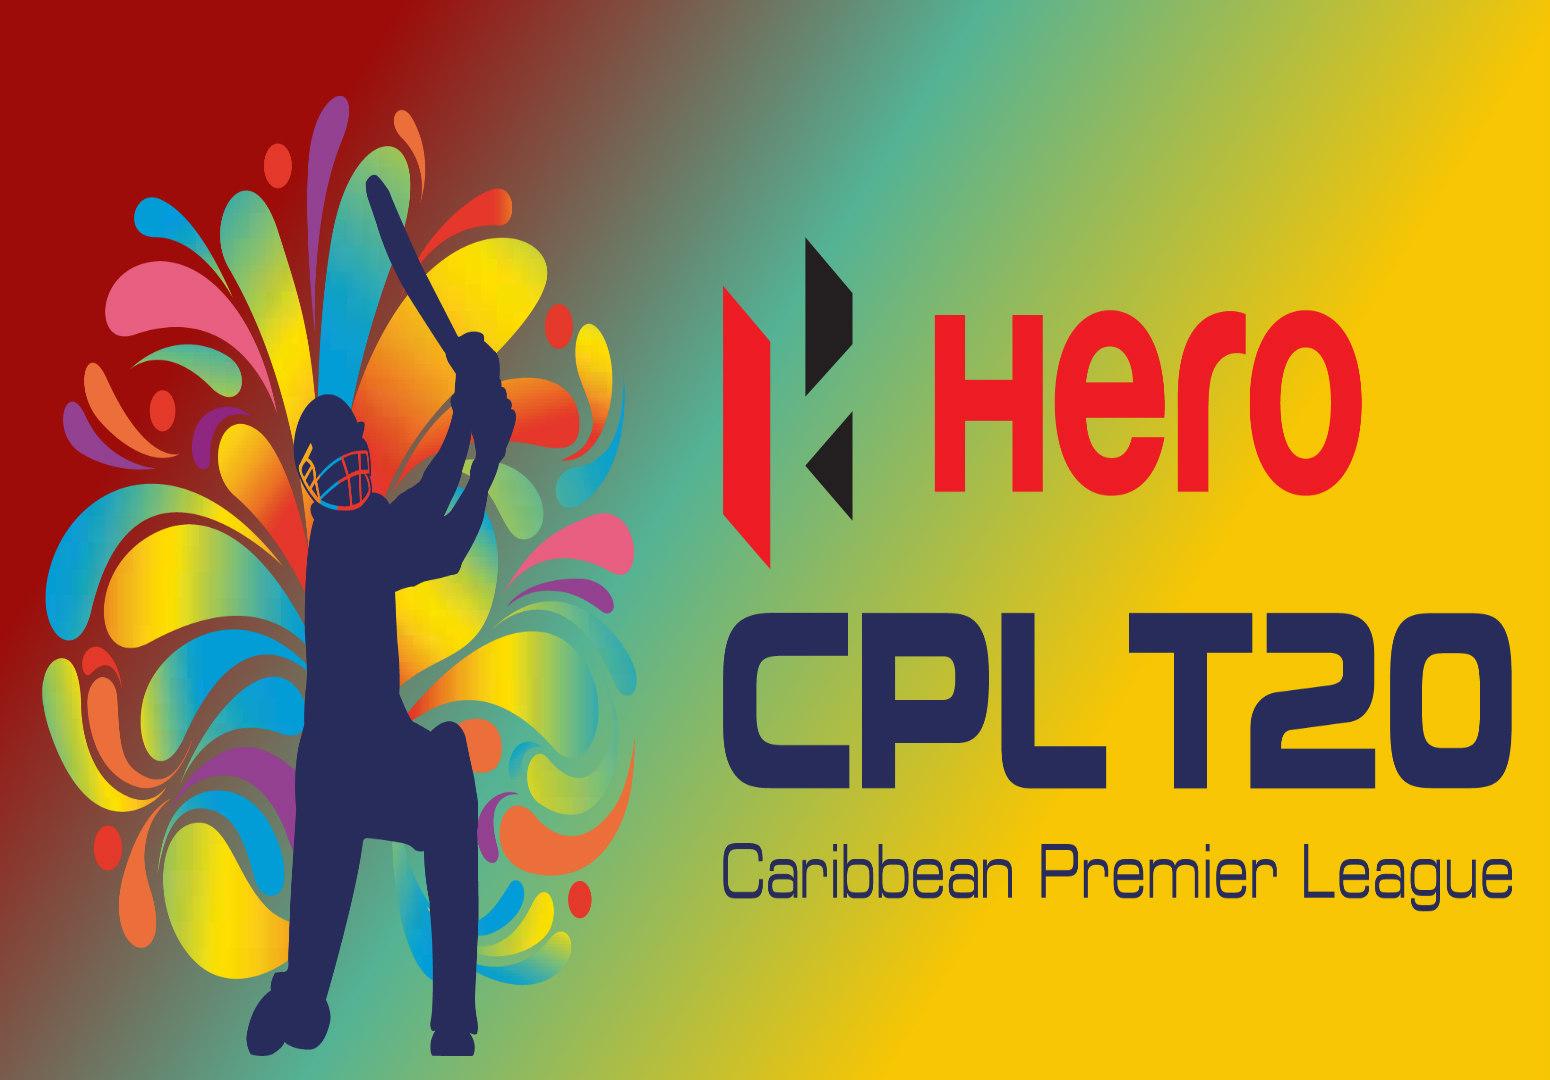 Premier League Clubs: Caribbean Premier League (CPL) 2019 Schedule, Teams & Time